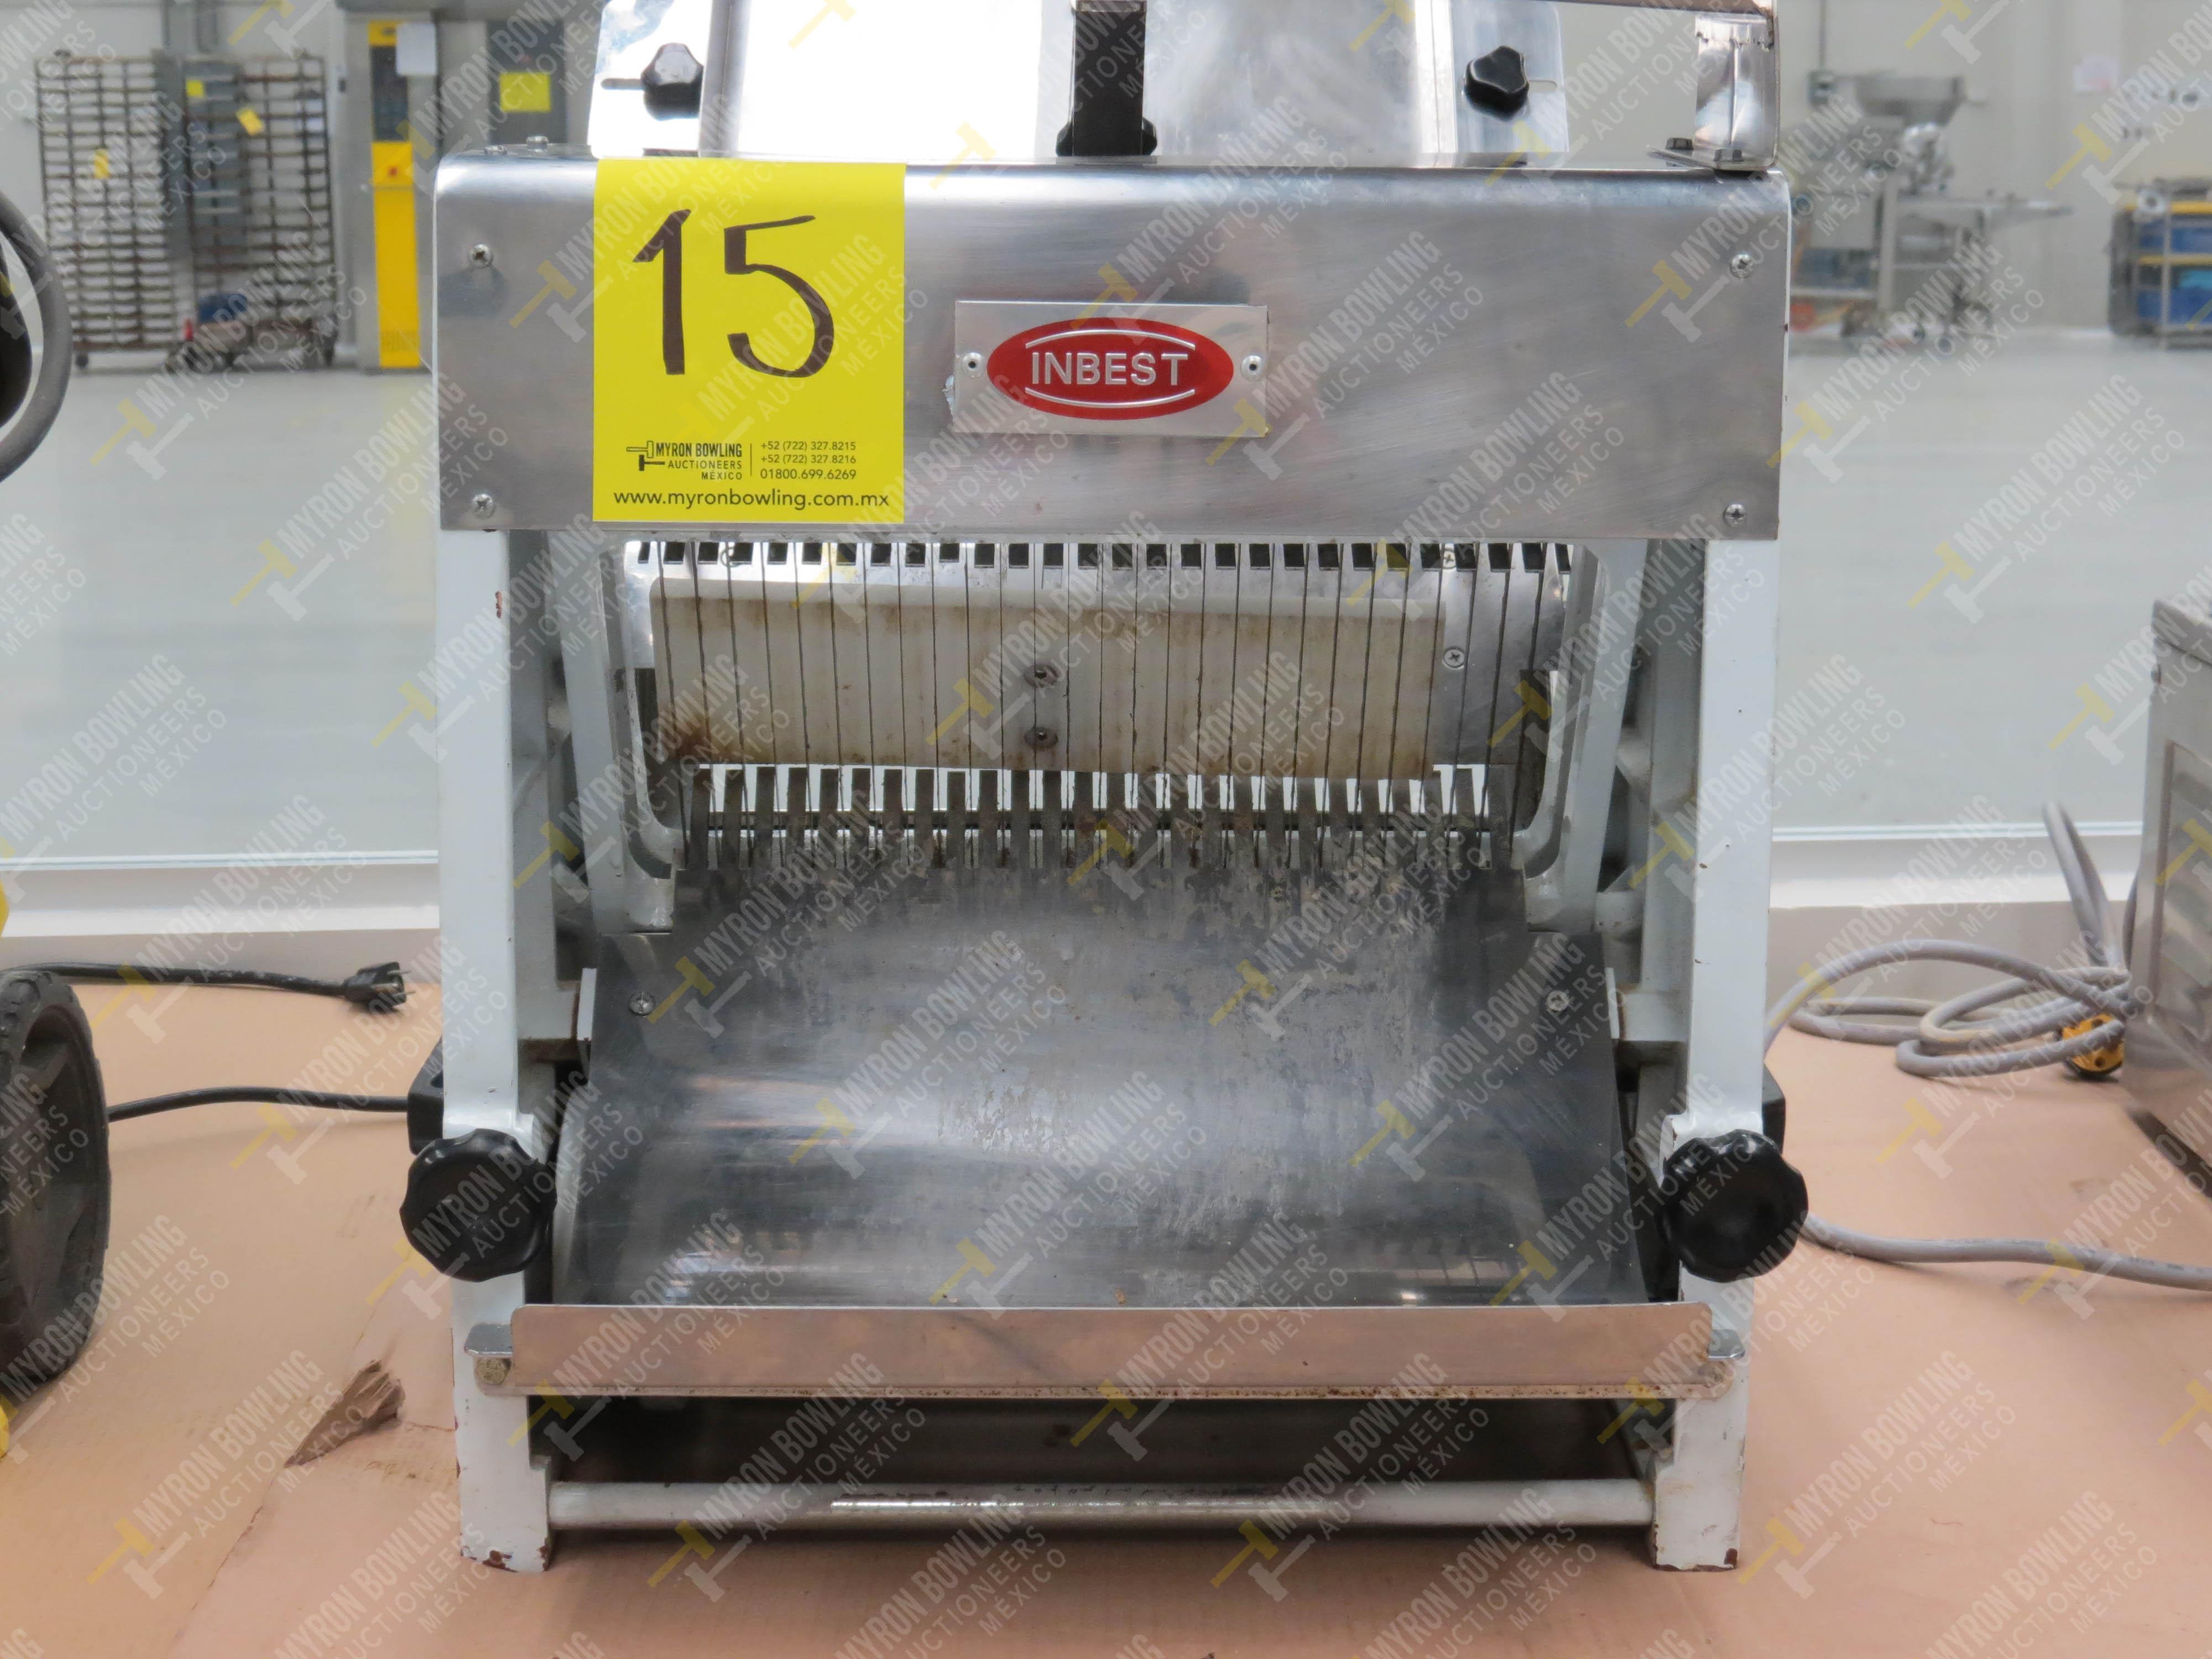 Rebanadora de pan de caja marca Inbest, Modelo 85081512, No. de Serie 639387, año 2006